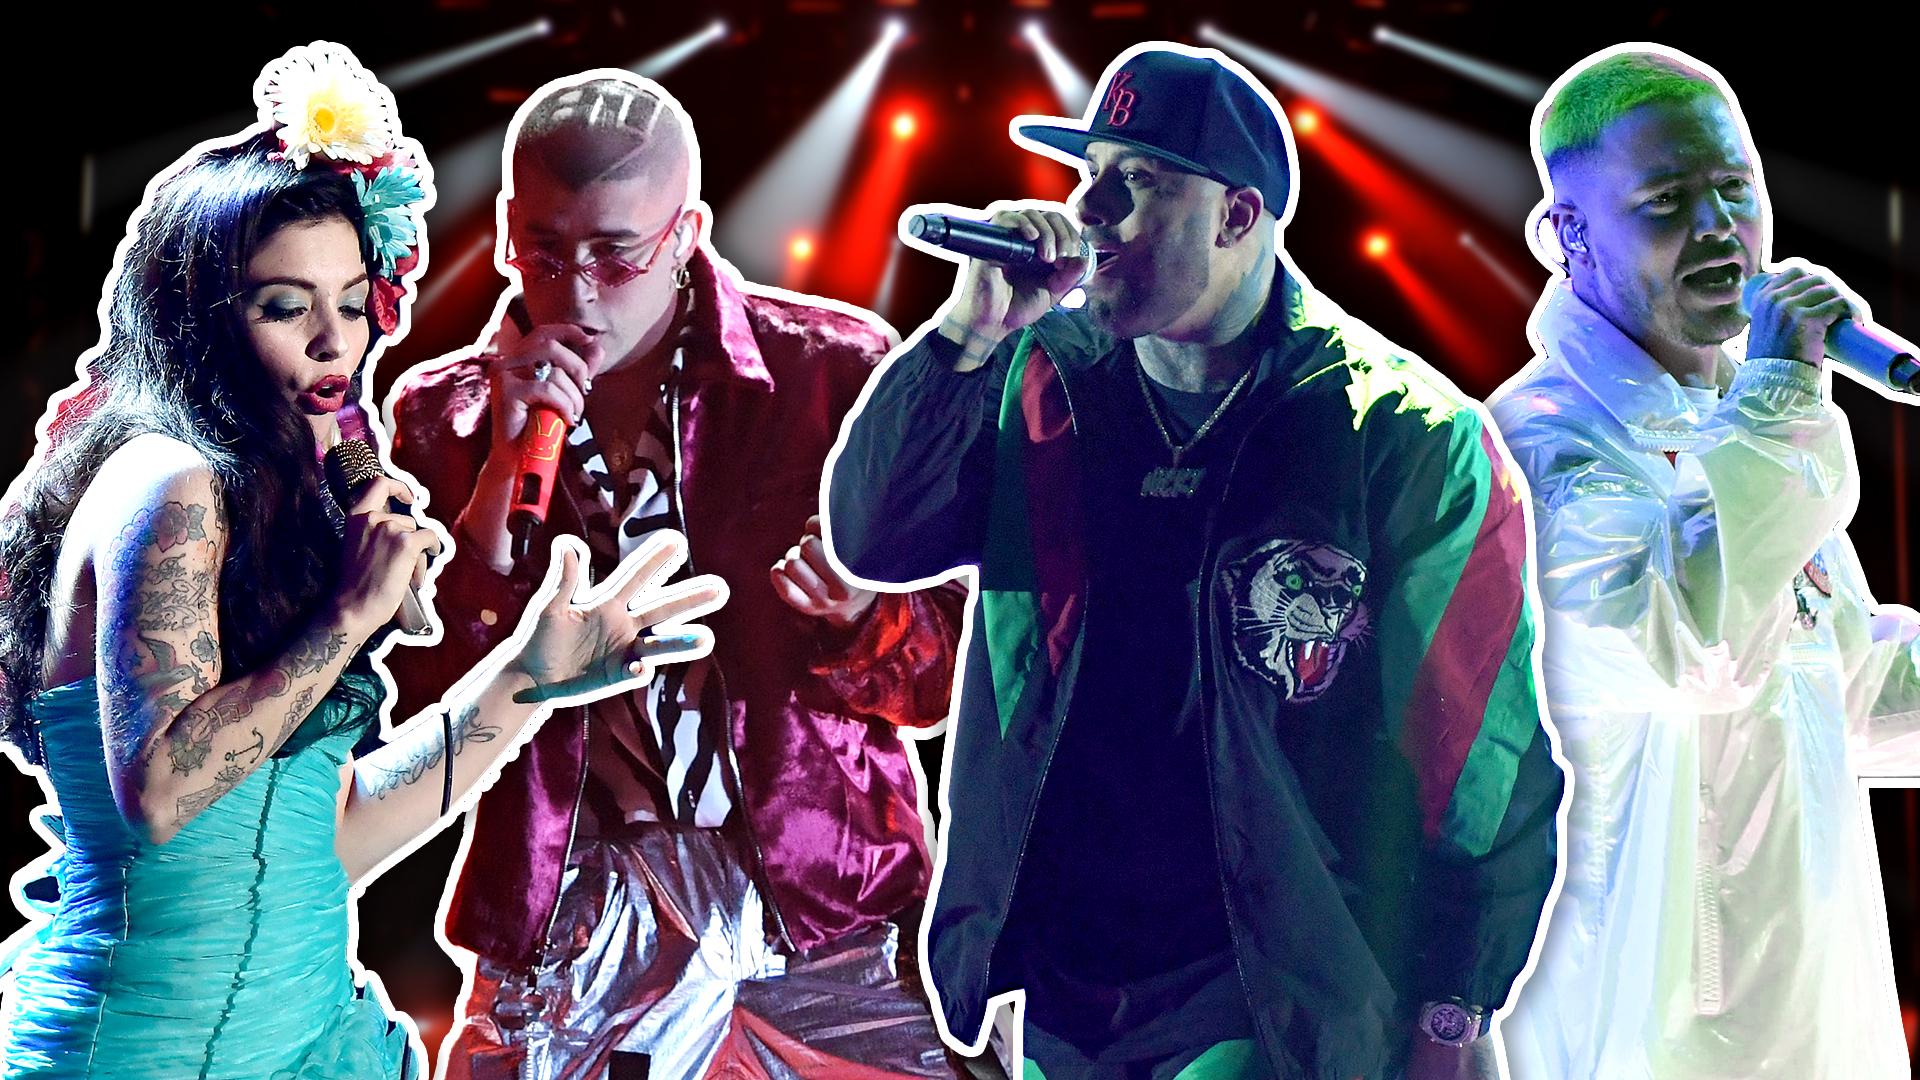 El género latino desbancó a la música country como uno de los más escuchados en EEUU en 2018, asegura reporte